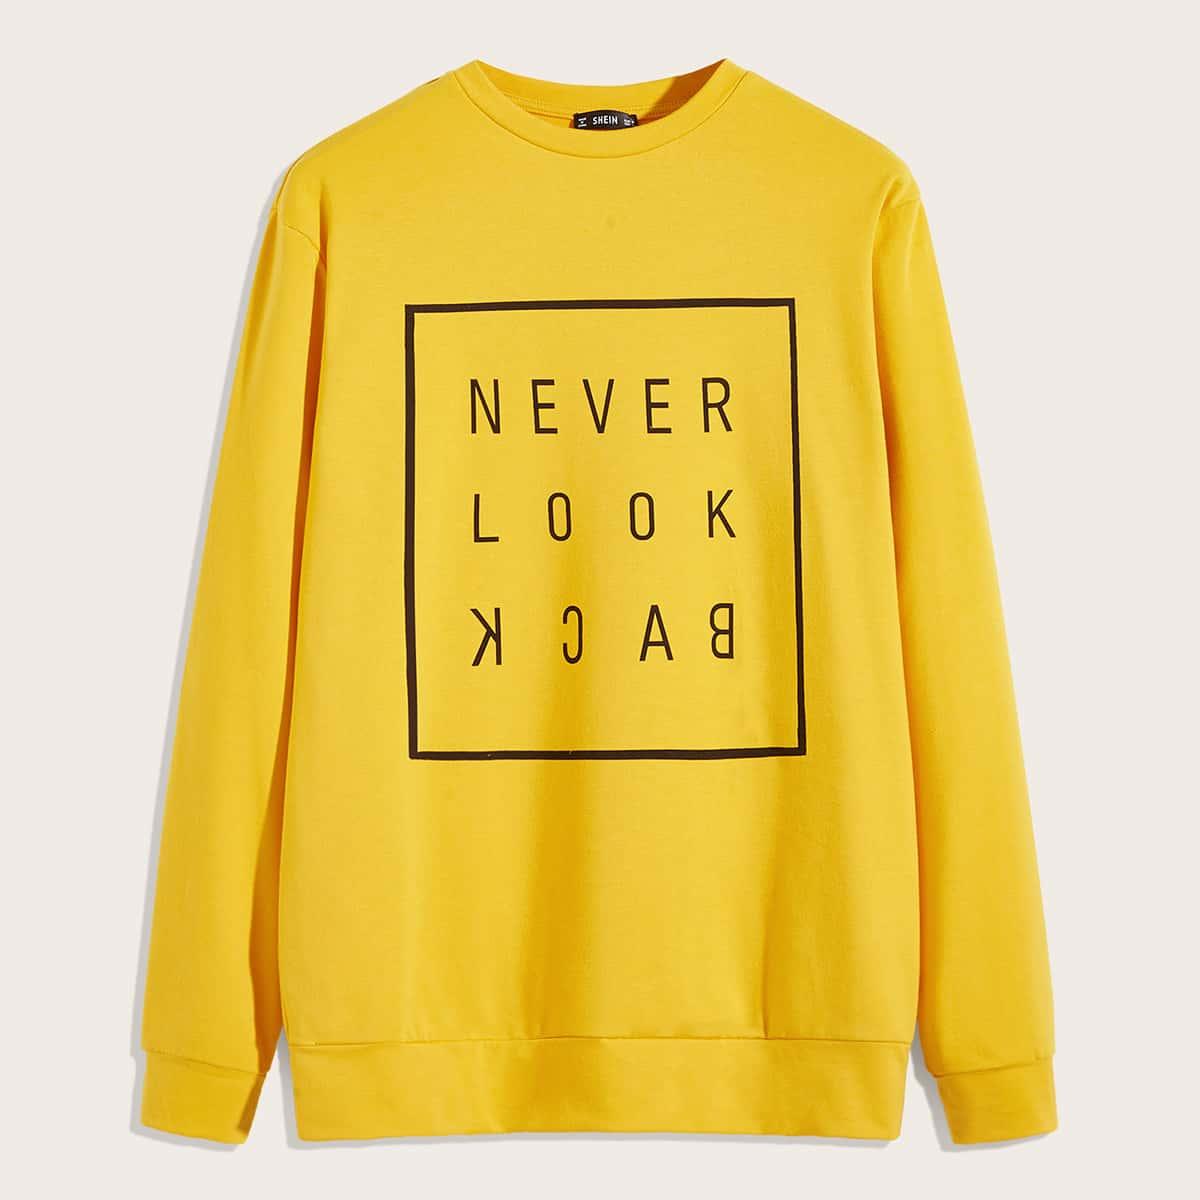 Мужской пуловер с текстовым принтом